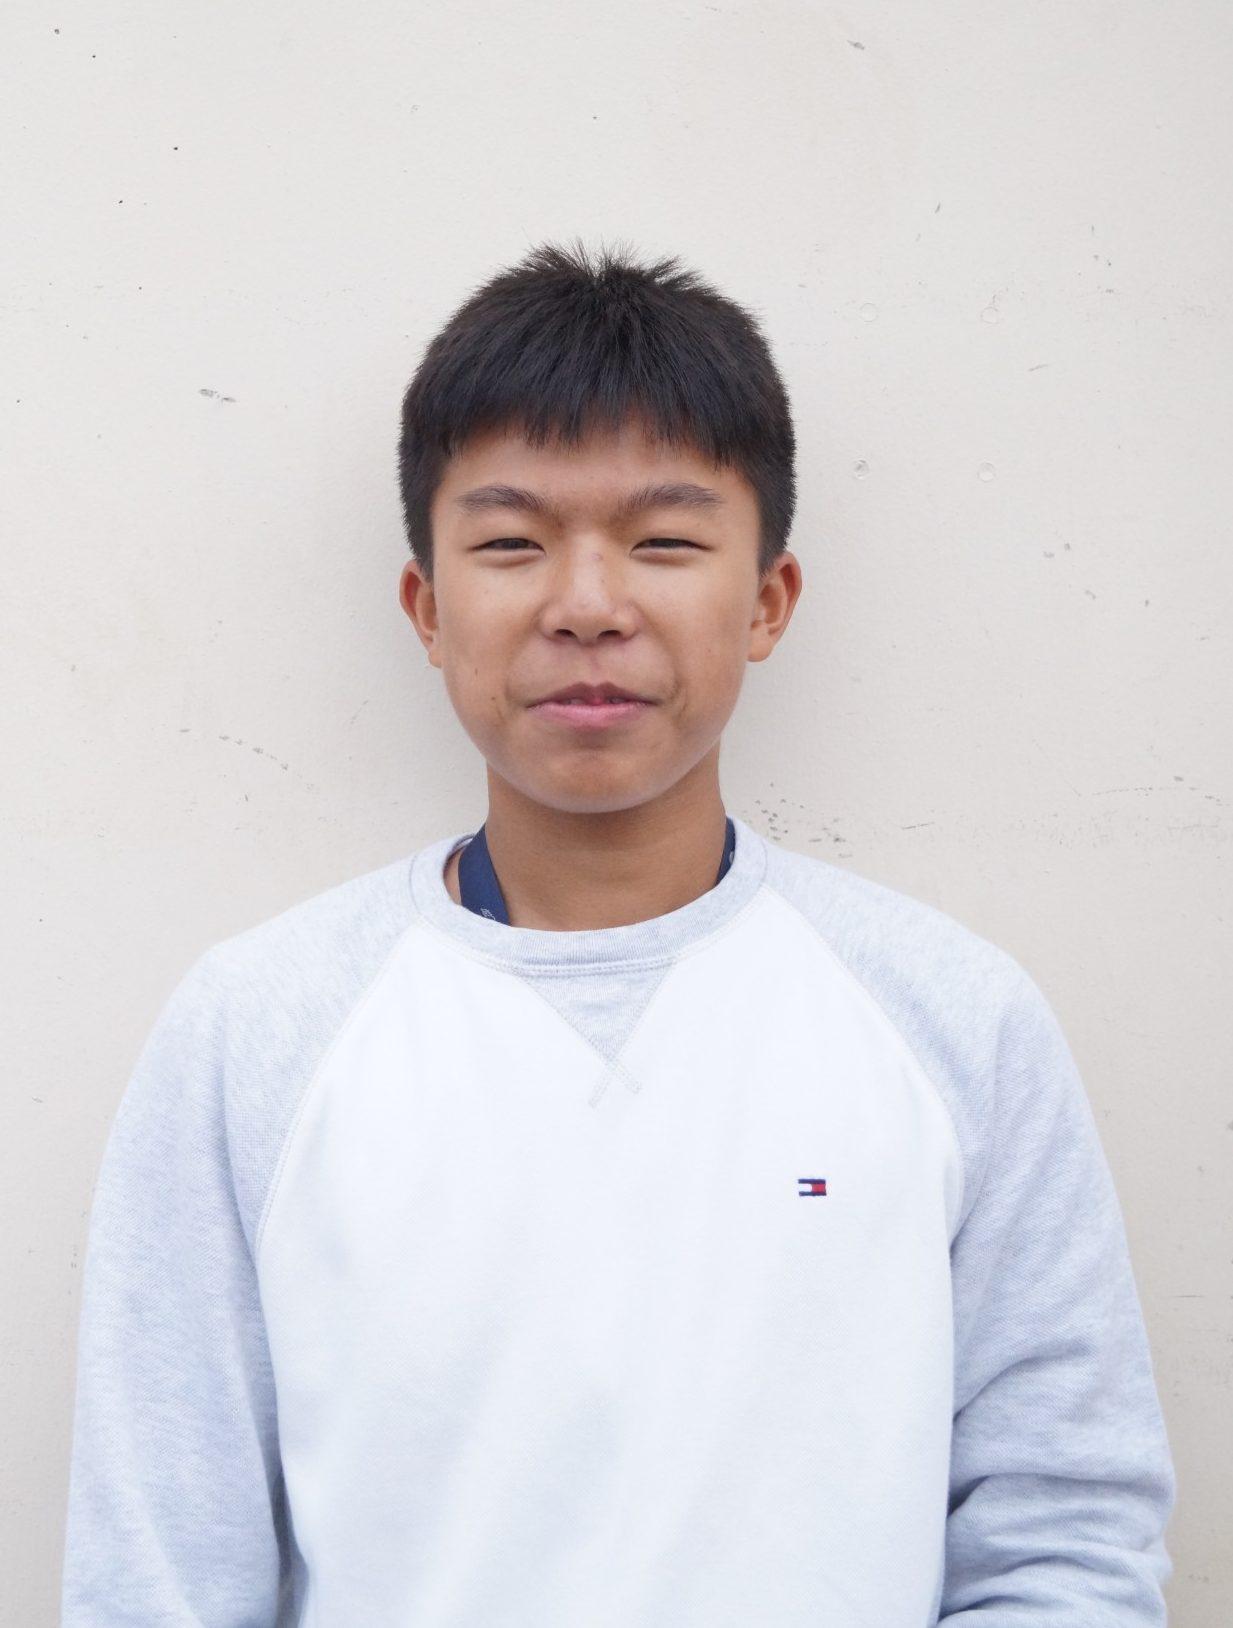 Eric Le (10):